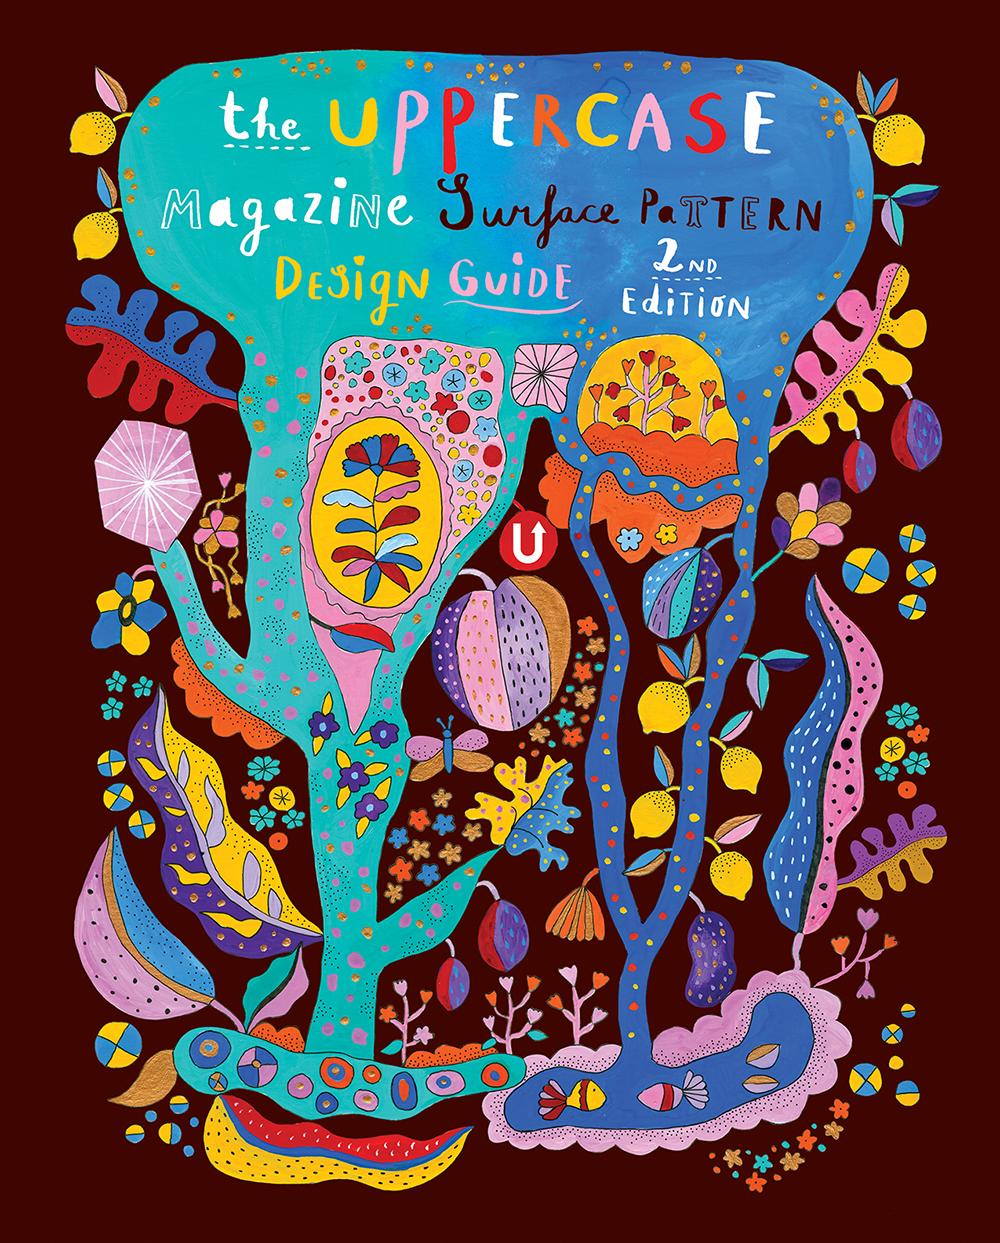 Marenthe Uppercase Magazine Cover.jpg